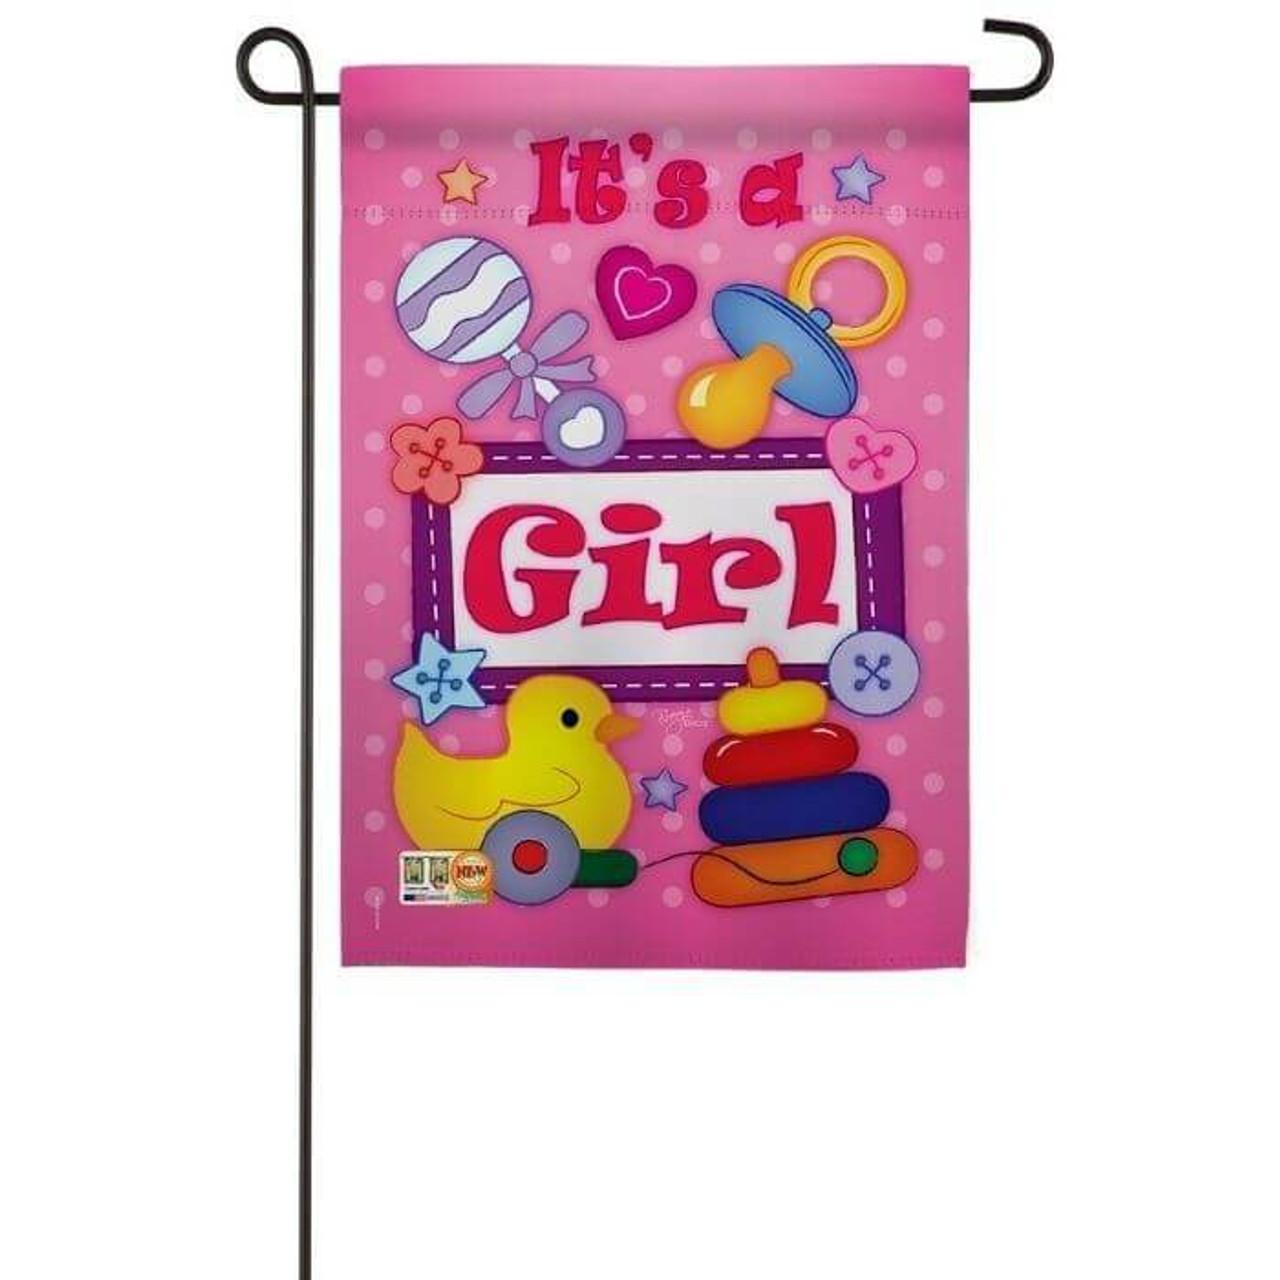 It's a Girl Garden Flag